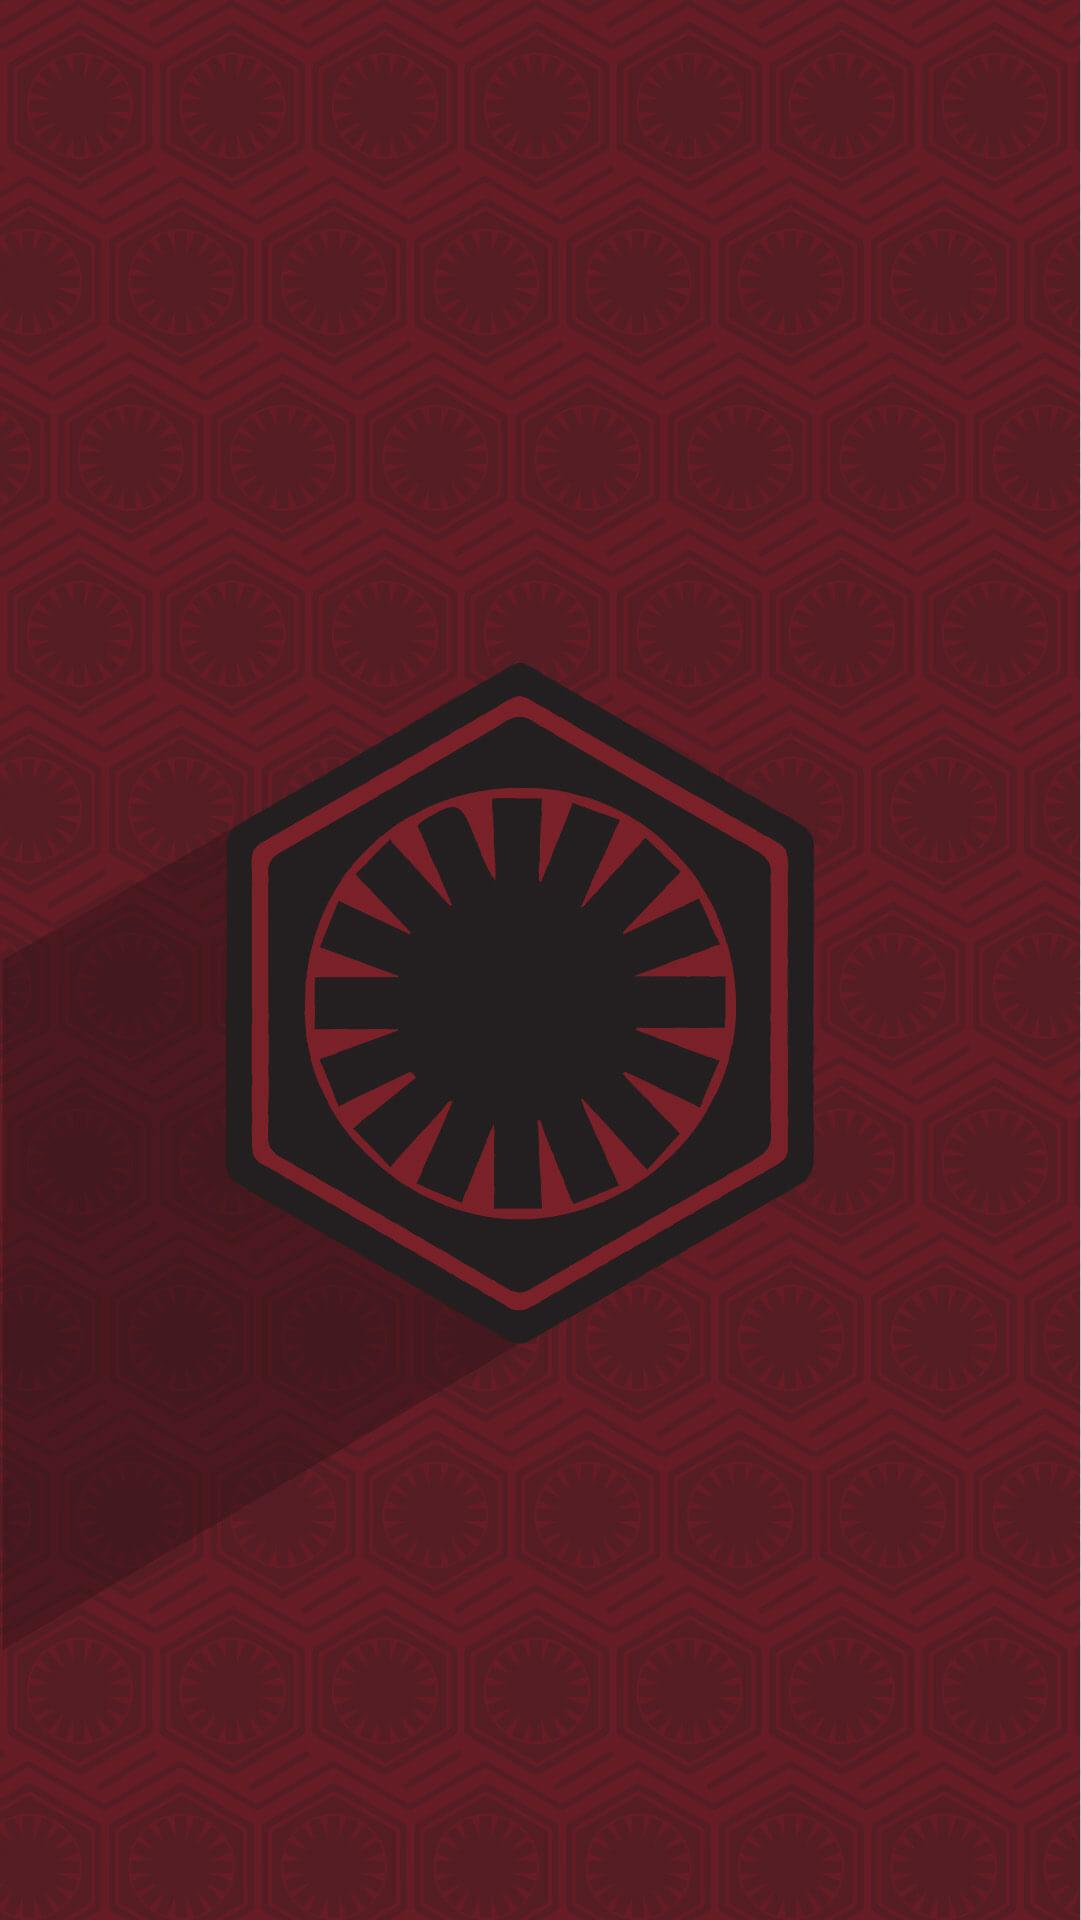 star wars fan art 33 (1)